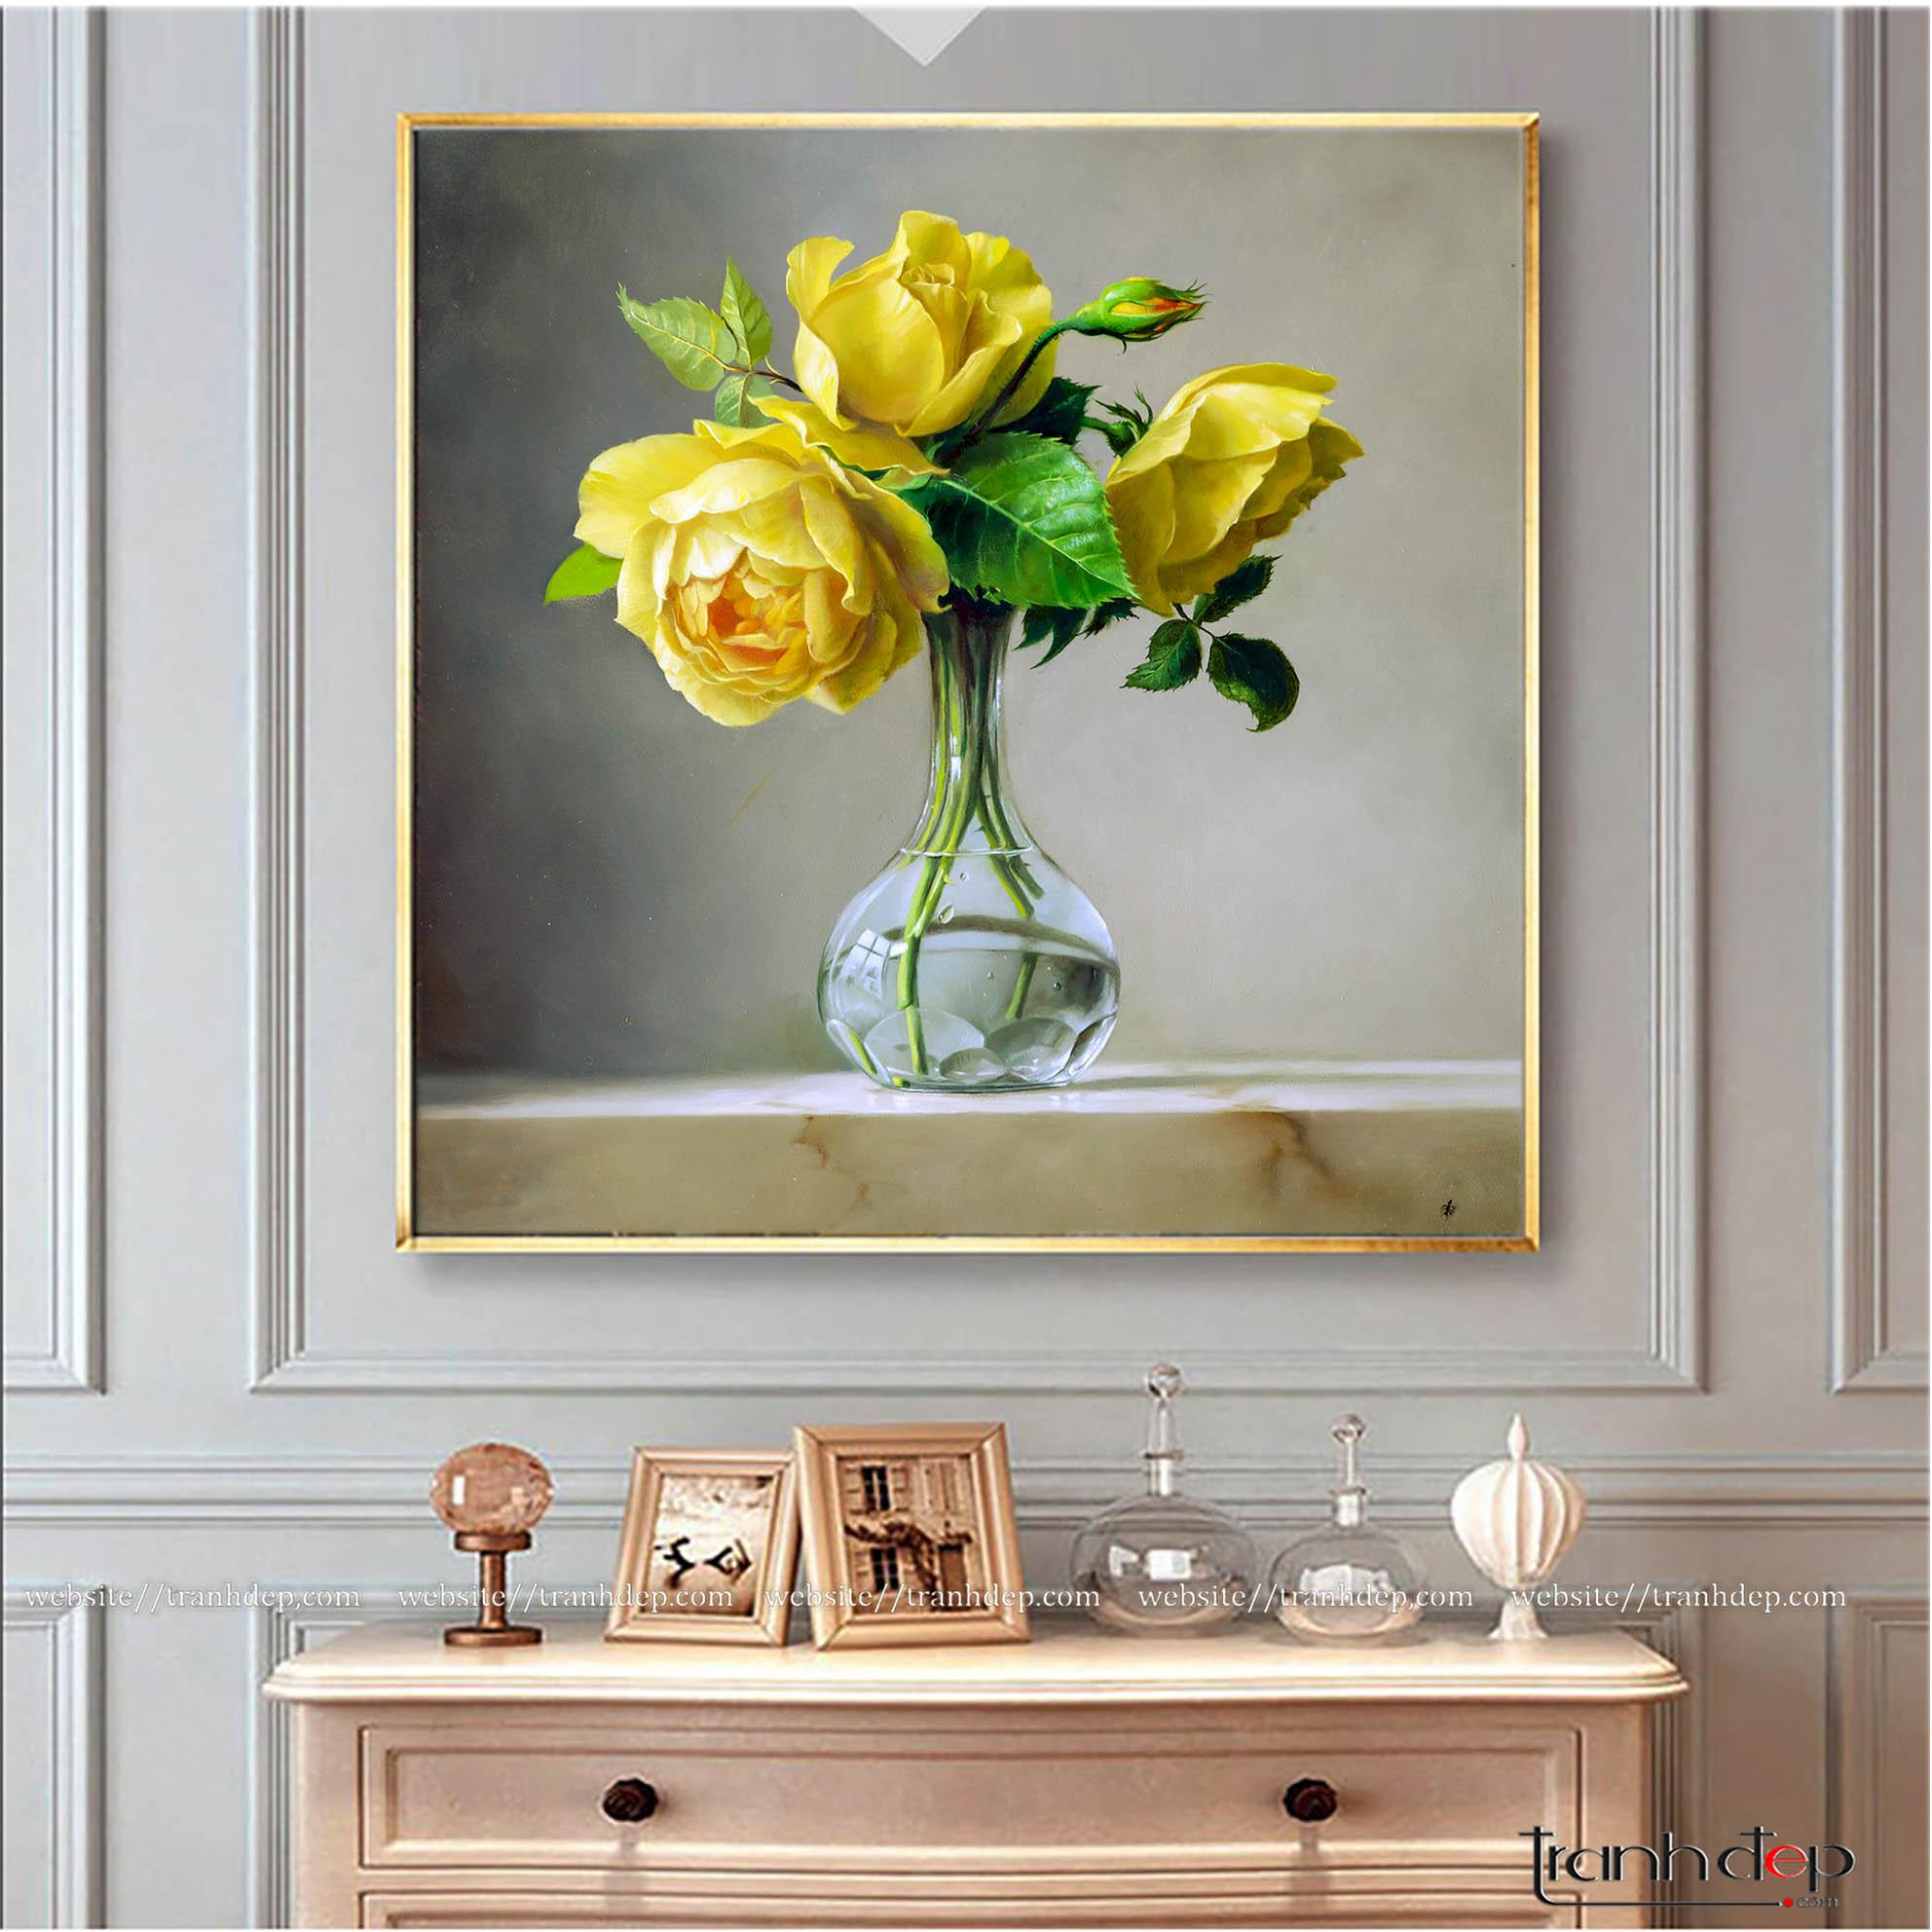 Tranh vẽ hoa hồng vàng lãng mạn